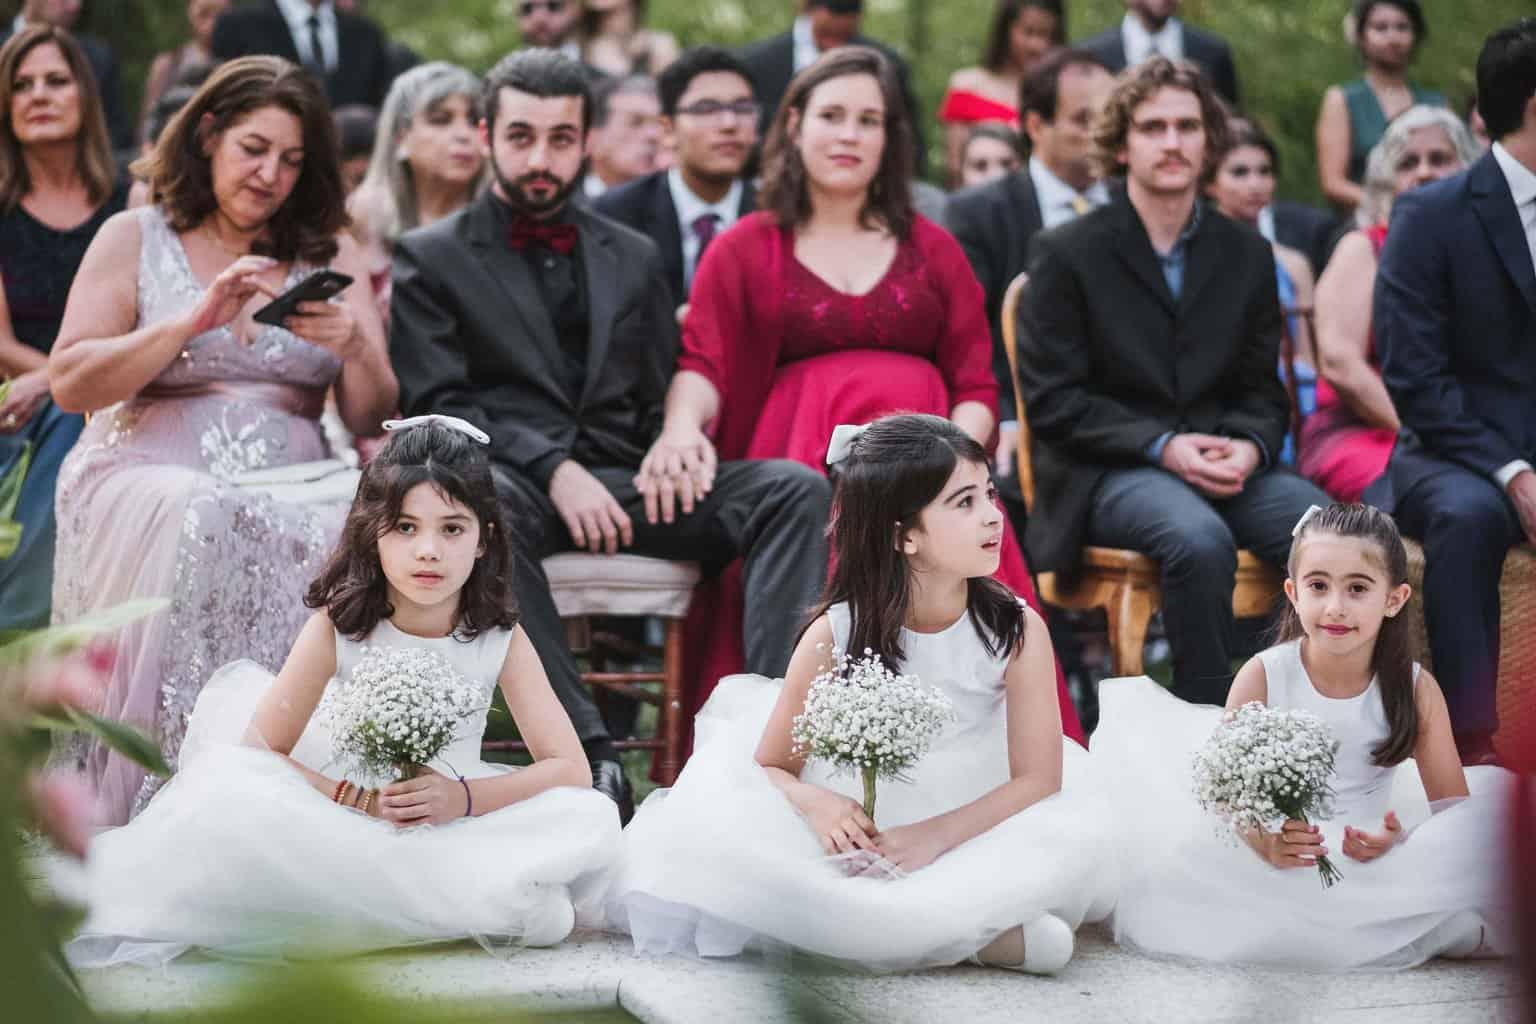 casamento-na-serra-cerimonia-ao-ar-livre-daminhas-Fotografia-Renata-Xavier-Les-Amies-Cerimonial-Locanda-Della-Mimosa-Natalia-e-Bruno395